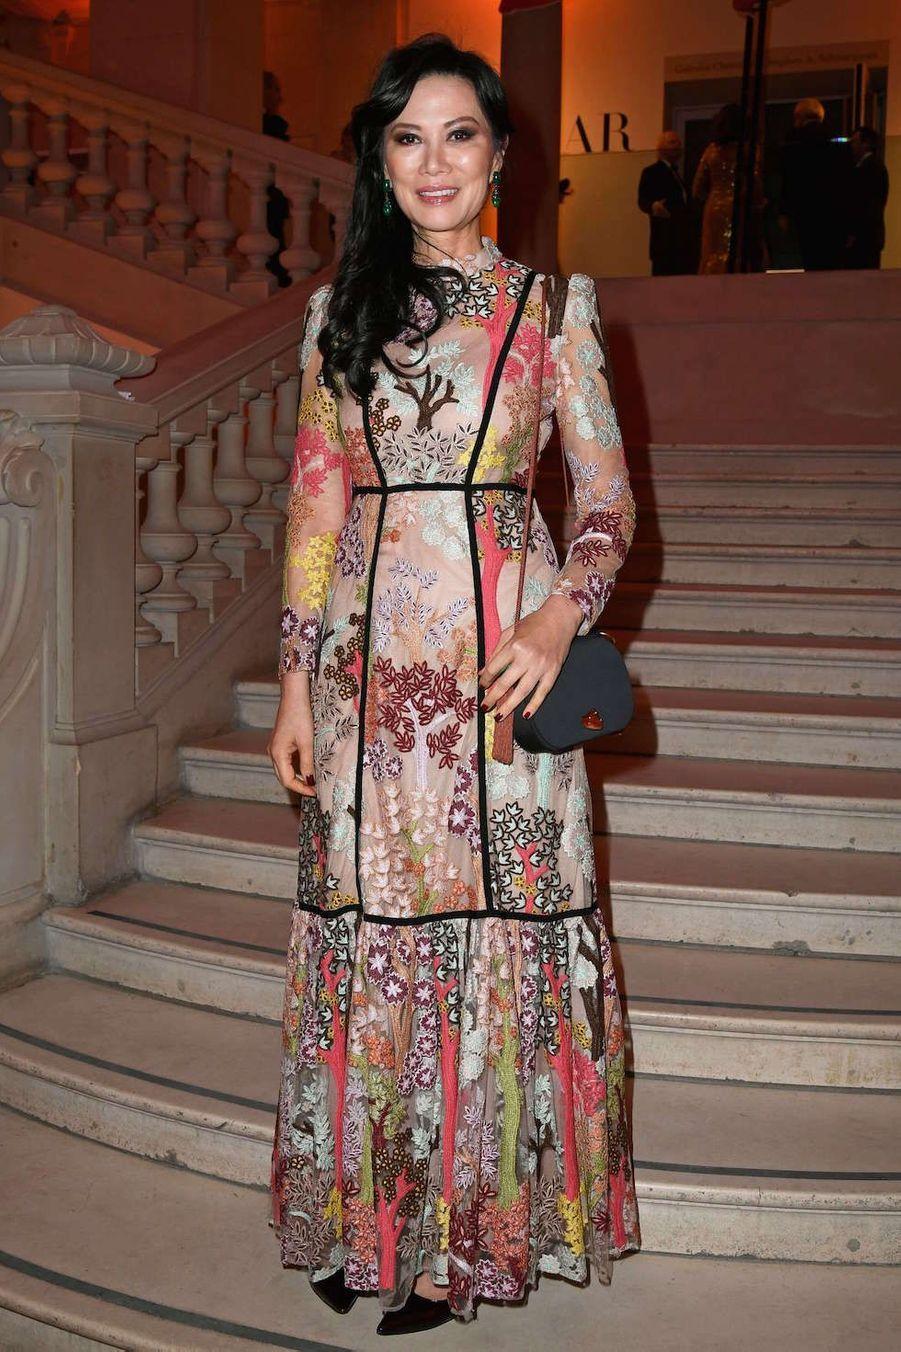 La femme d'affaires Wendi Murdoch au vernissage de l'exposition Harper's Bazaar au Musée des Arts décoratifs, à Paris, le 26 février 2020.